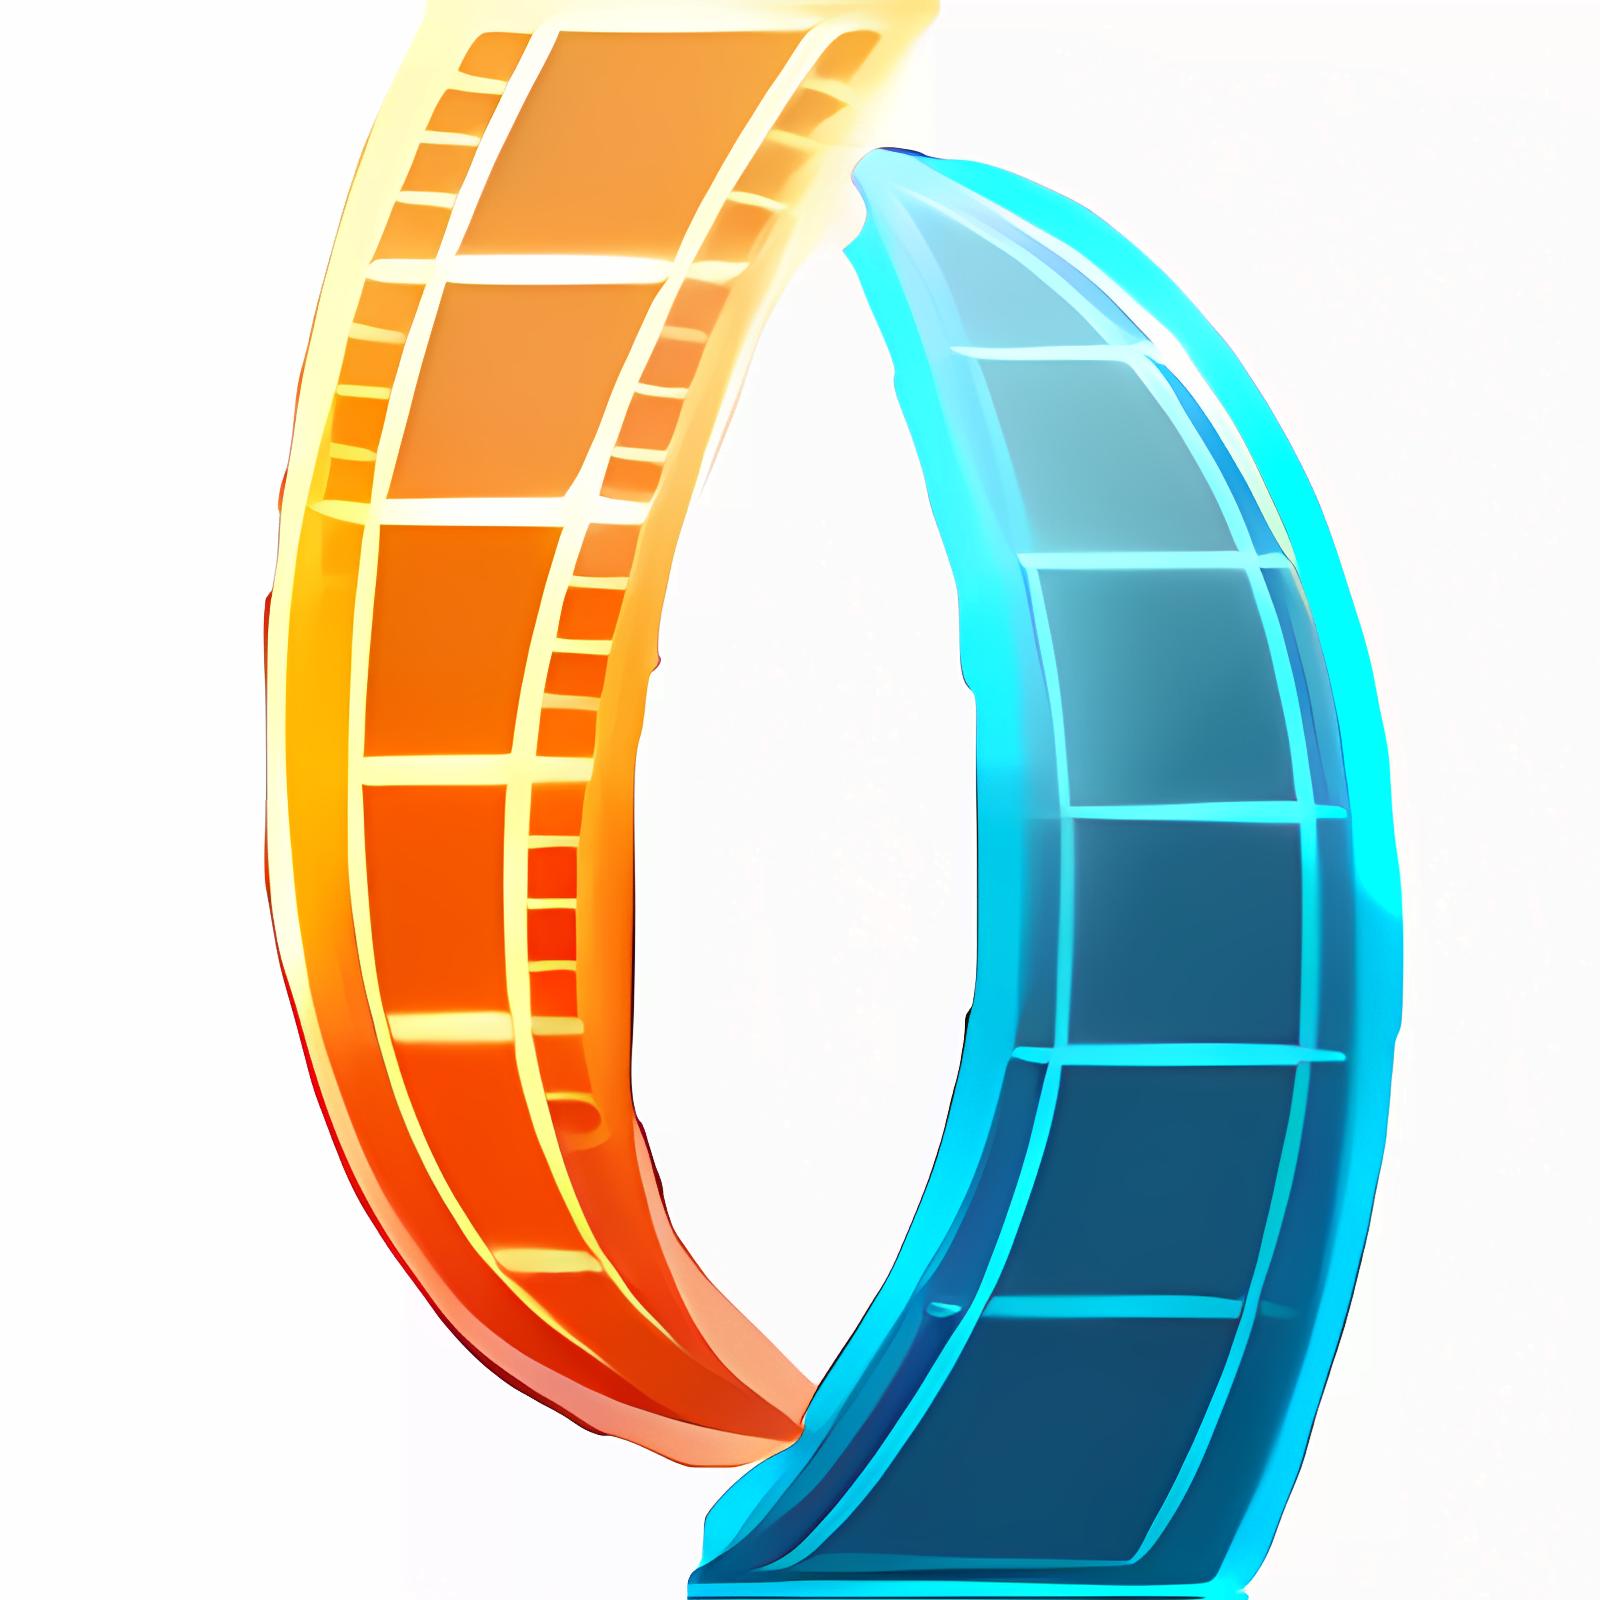 Conversor de Vídeo para Mac da Apowersoft 1.4.0